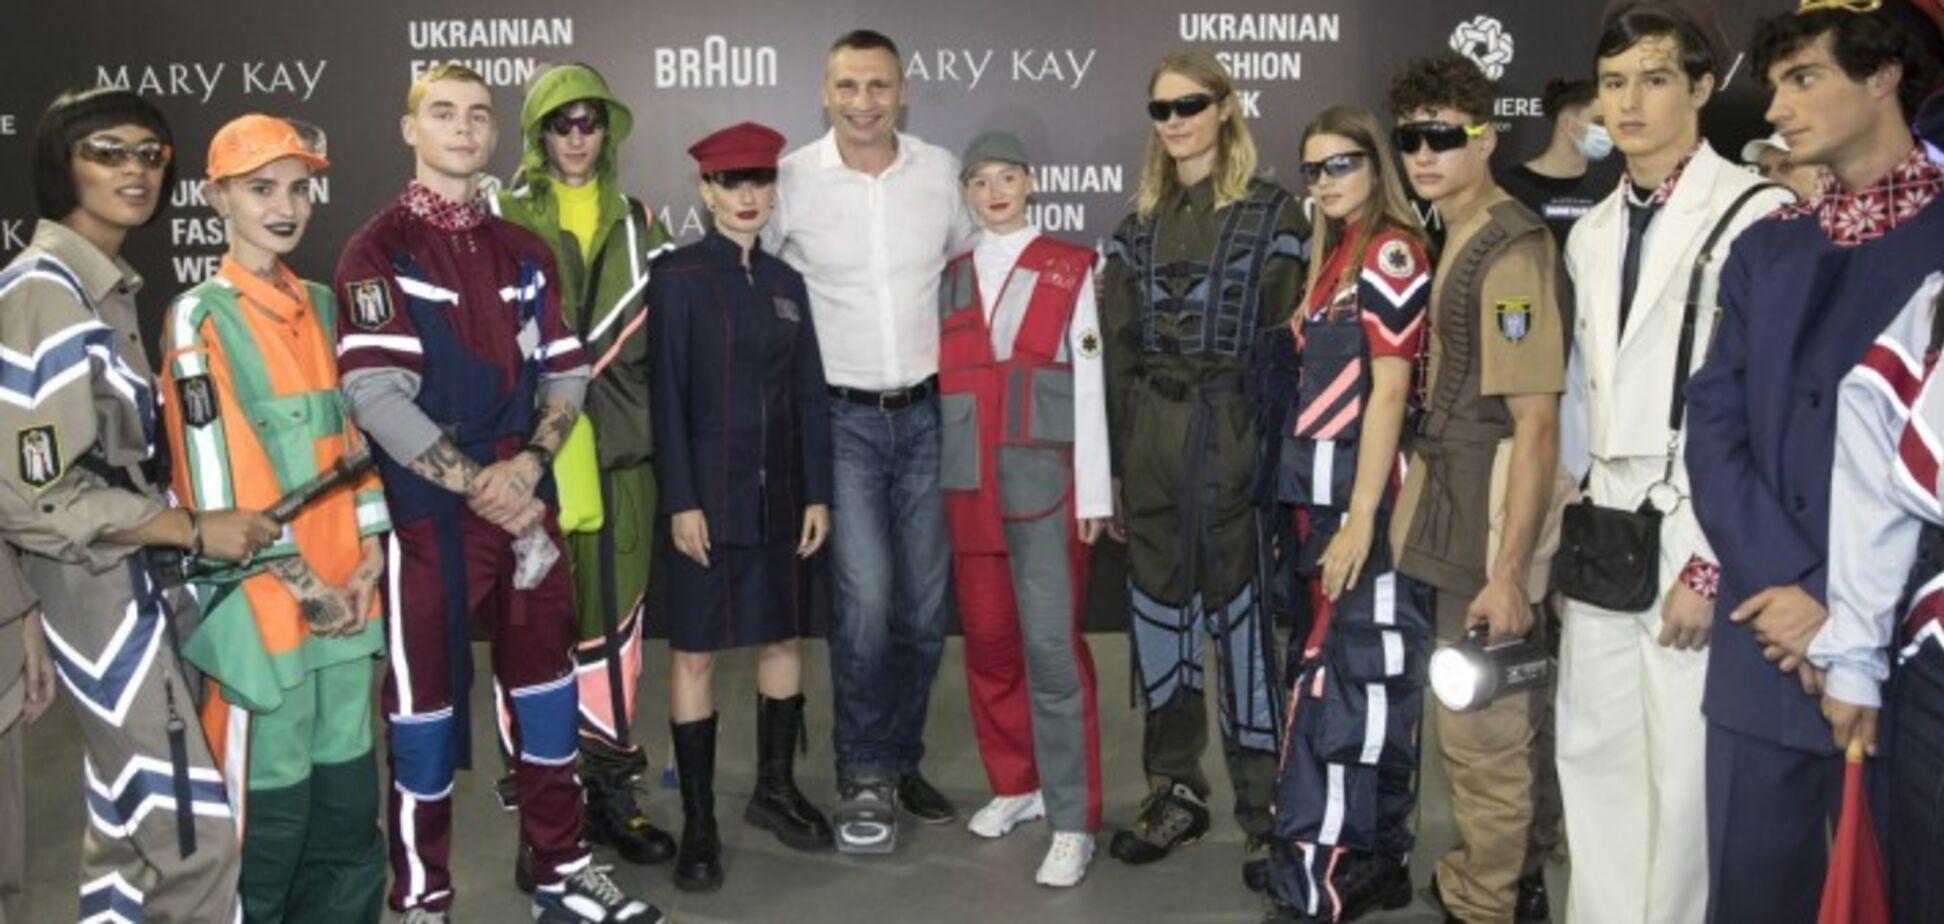 Кличко посмотрел показ мод для комунальщиков на Ukrainian Fashion Week. Фото: Пресс-служба мэра Киева